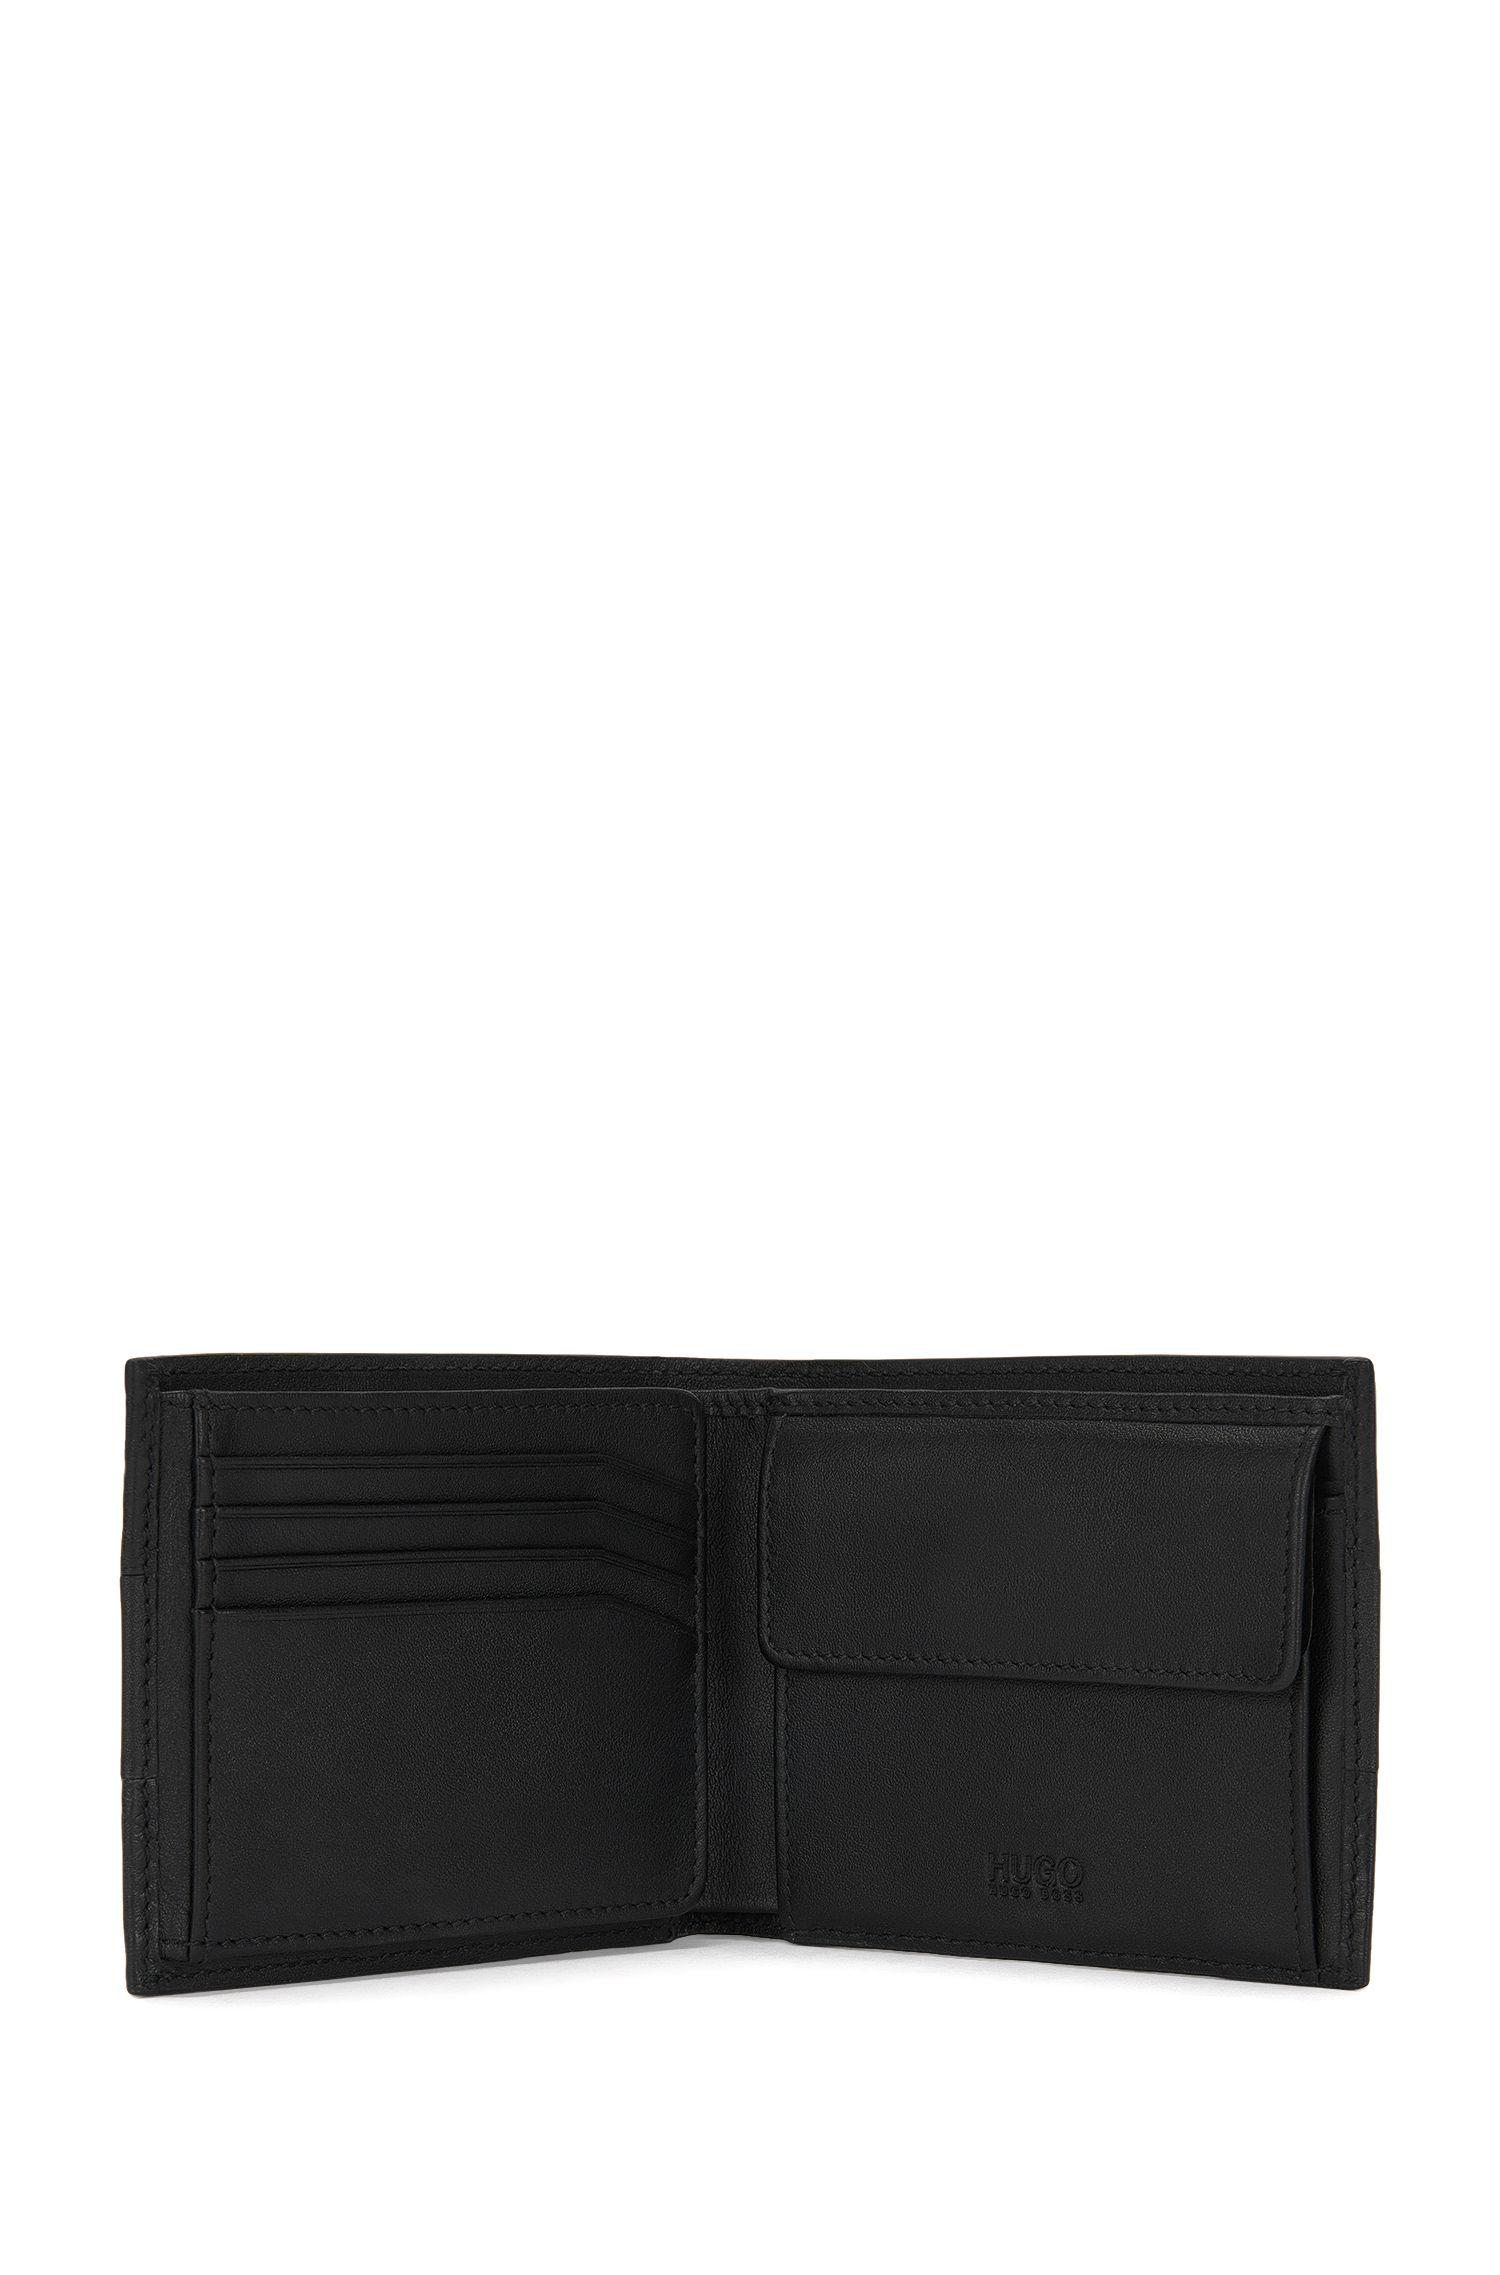 Geldbörse aus Leder im Struktur-Mix: 'Neoclassic_Trifold'